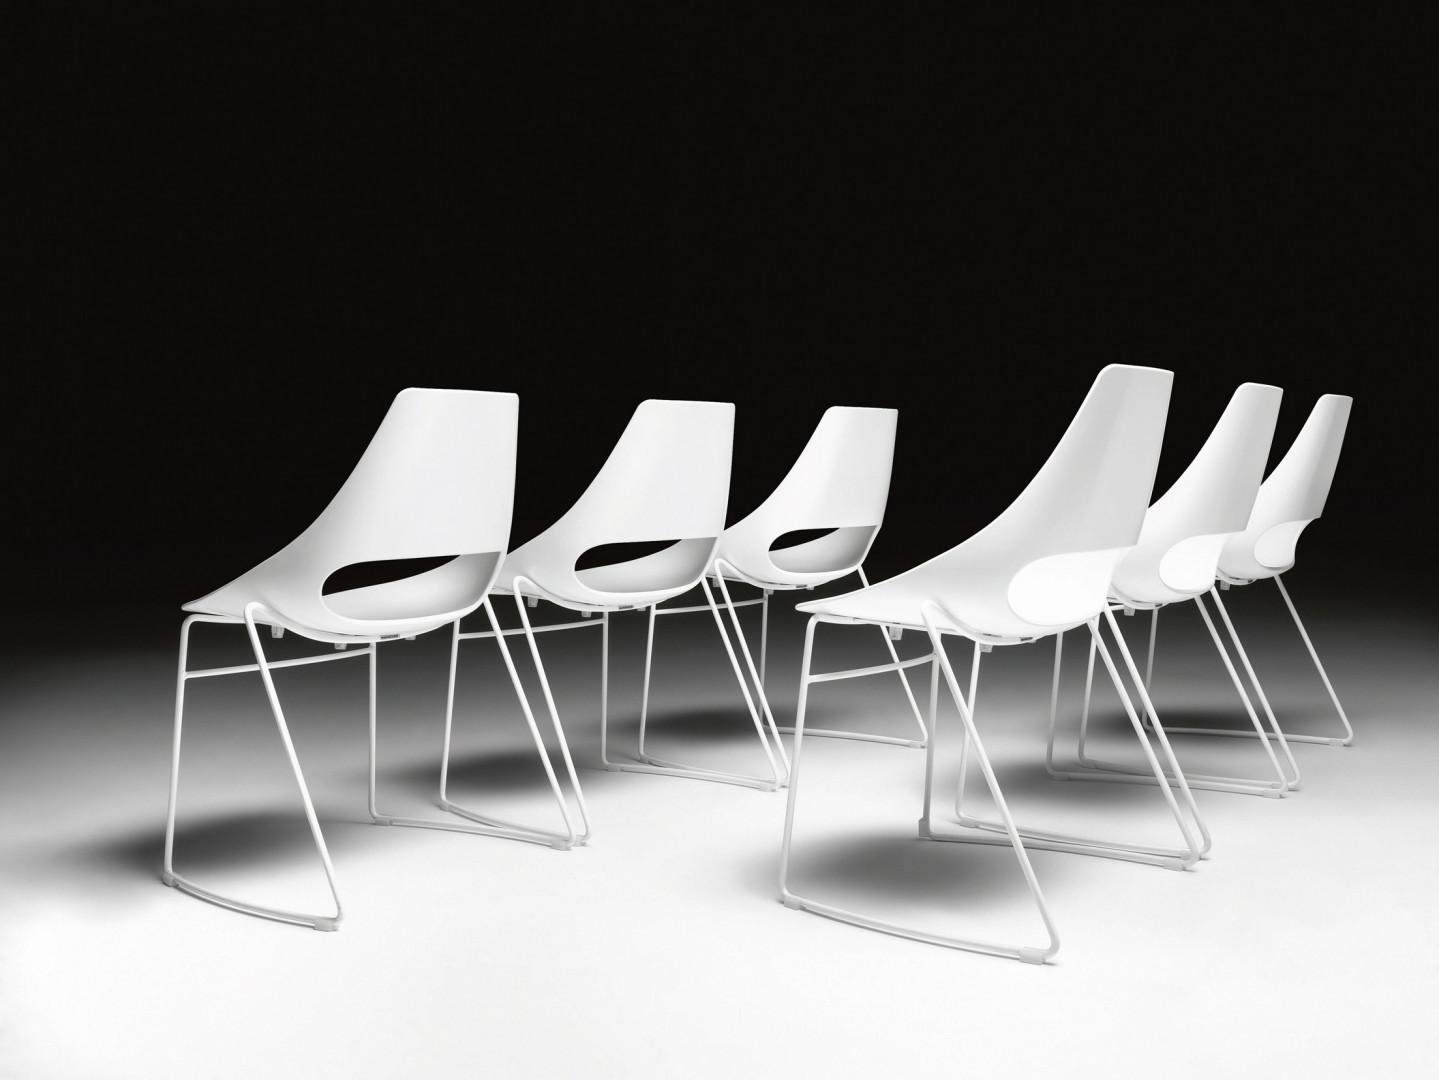 Krzesła z kolekcji Echo. Projekt: RDM. Fot. Metalmobil